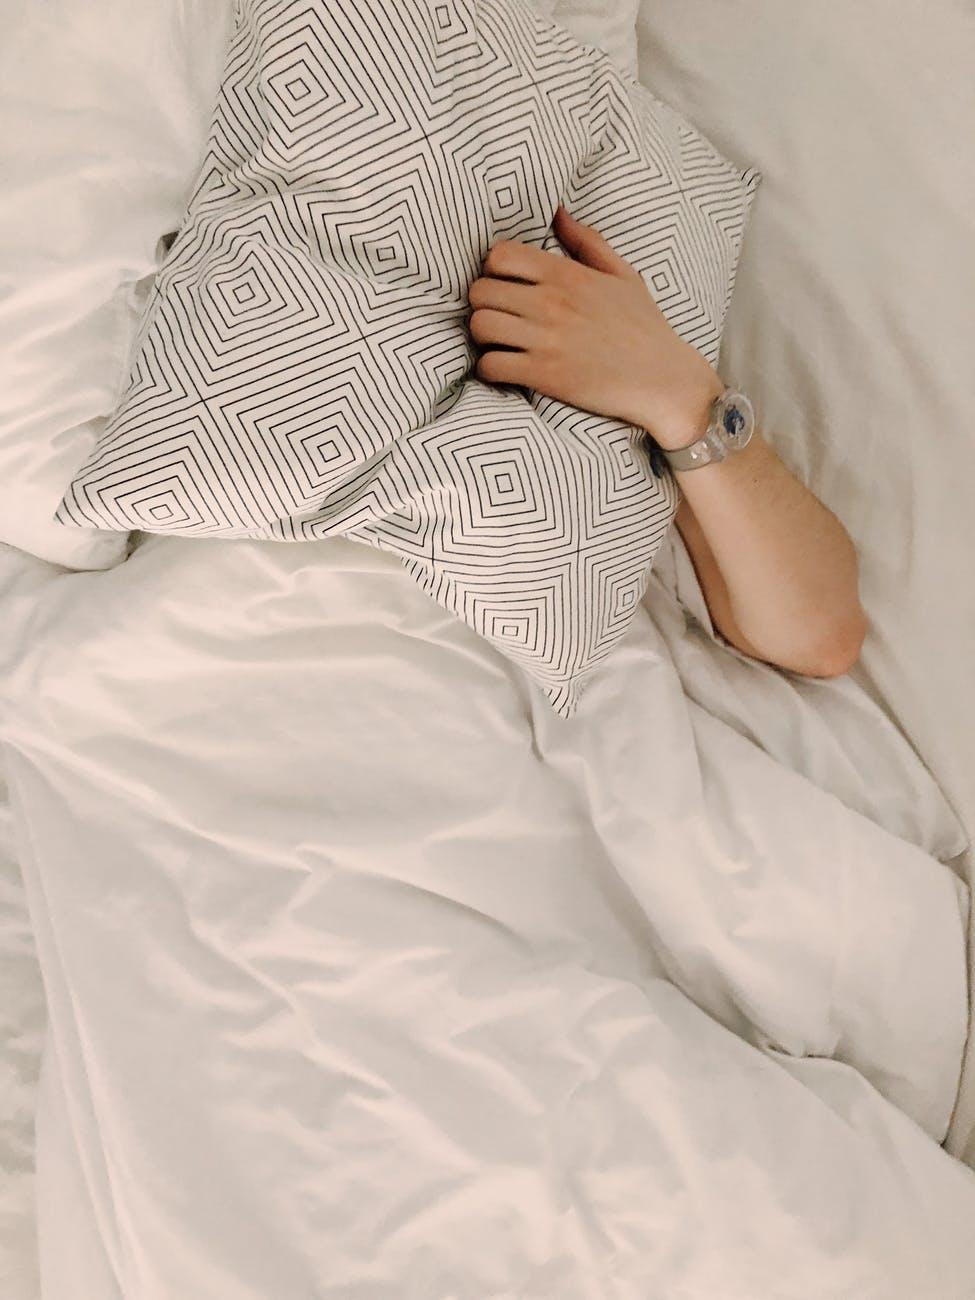 Du bevæger dig meget under urolig søvn